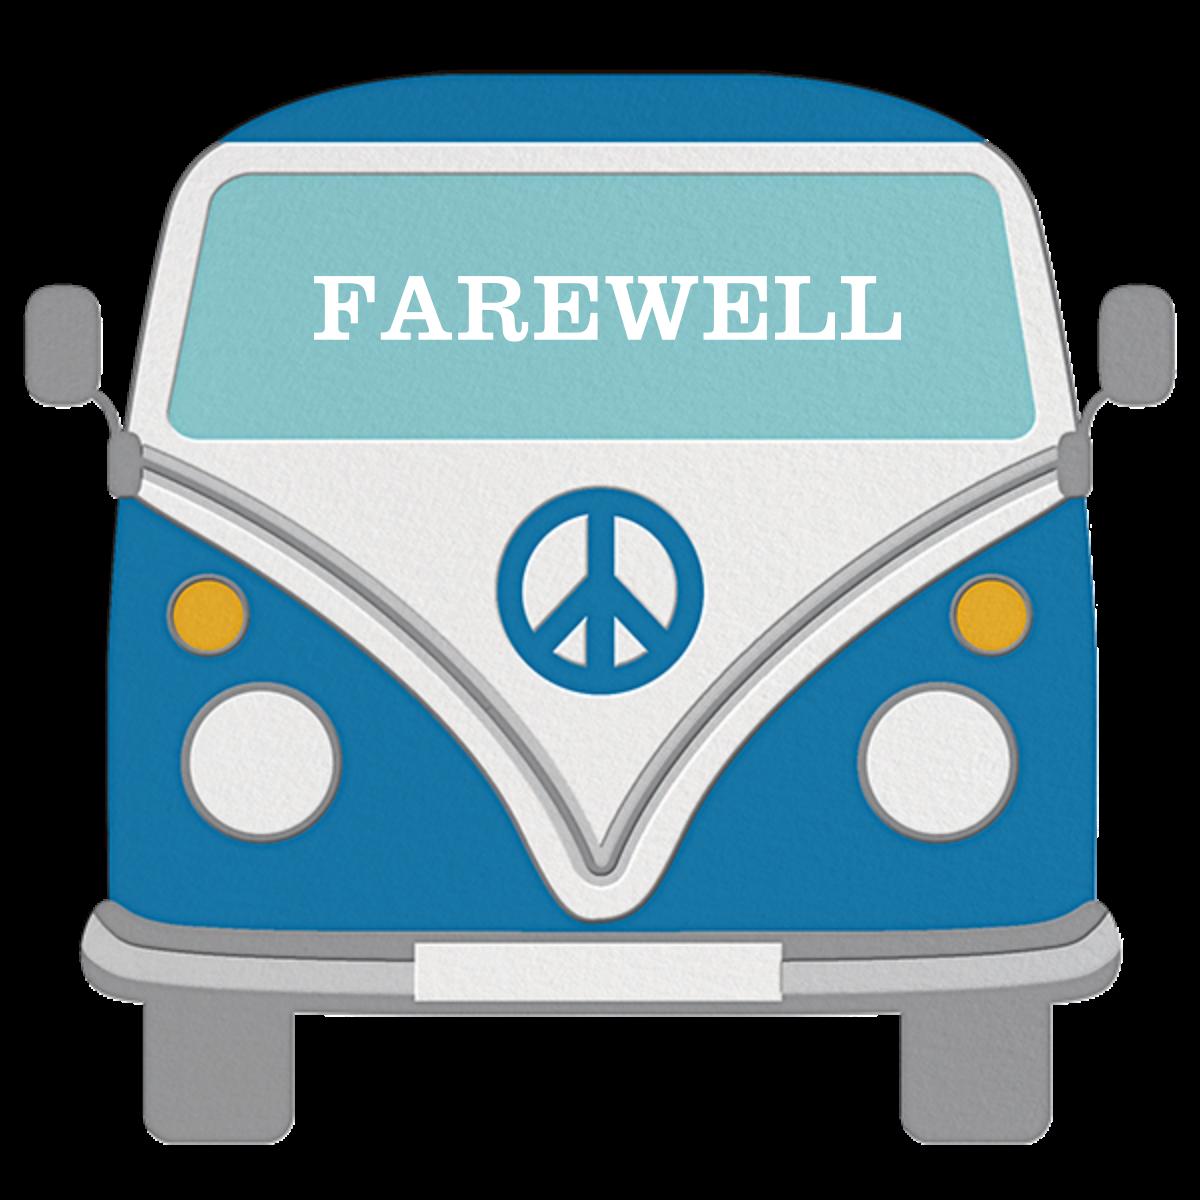 Bus 4 Love - Jonathan Adler